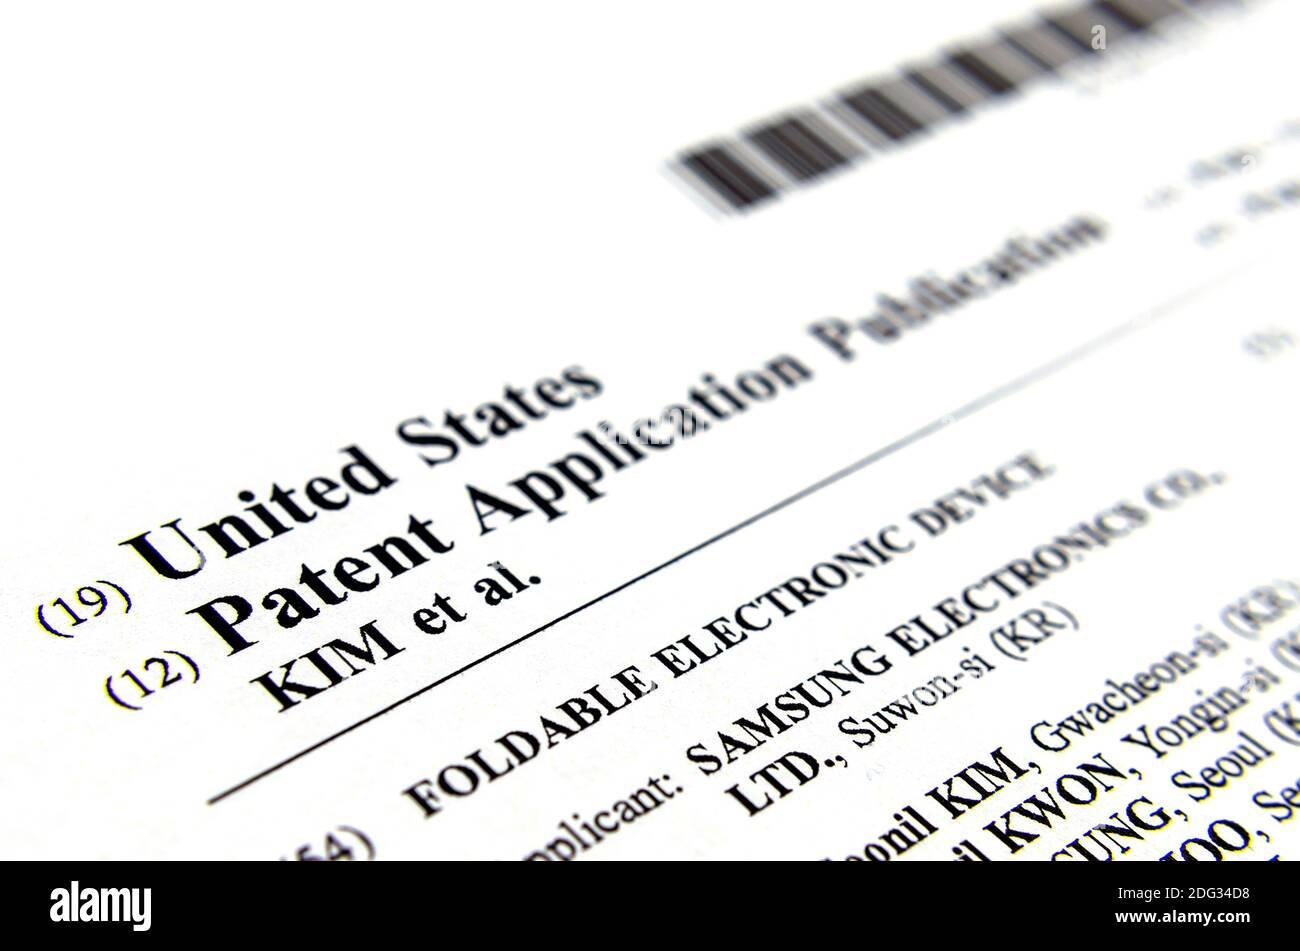 """Stone, Staffordshire Reino Unido - noviembre de 19 2019: Copia auténtica en papel de la patente de los Estados Unidos de la aplicación en la invención llamada """"DISPOSITIVO ELECTRÓNICO PLEGABLE"""" Foto de stock"""